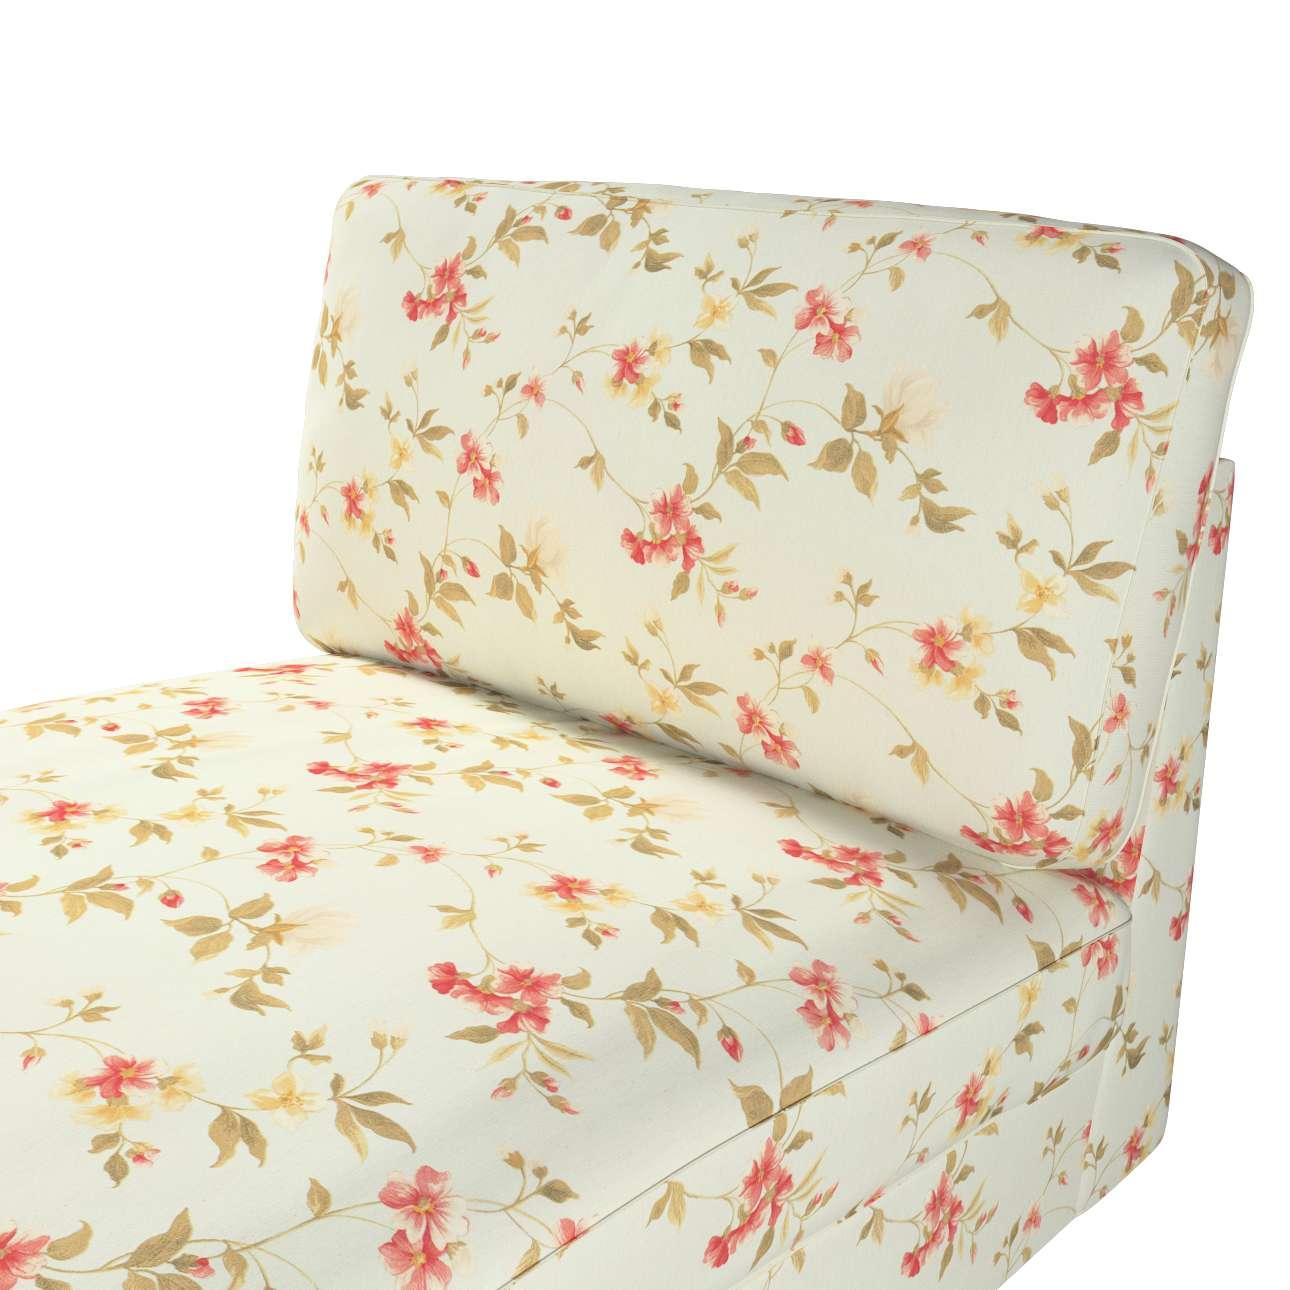 Pokrowiec na szezlong Kivik w kolekcji Londres, tkanina: 124-65